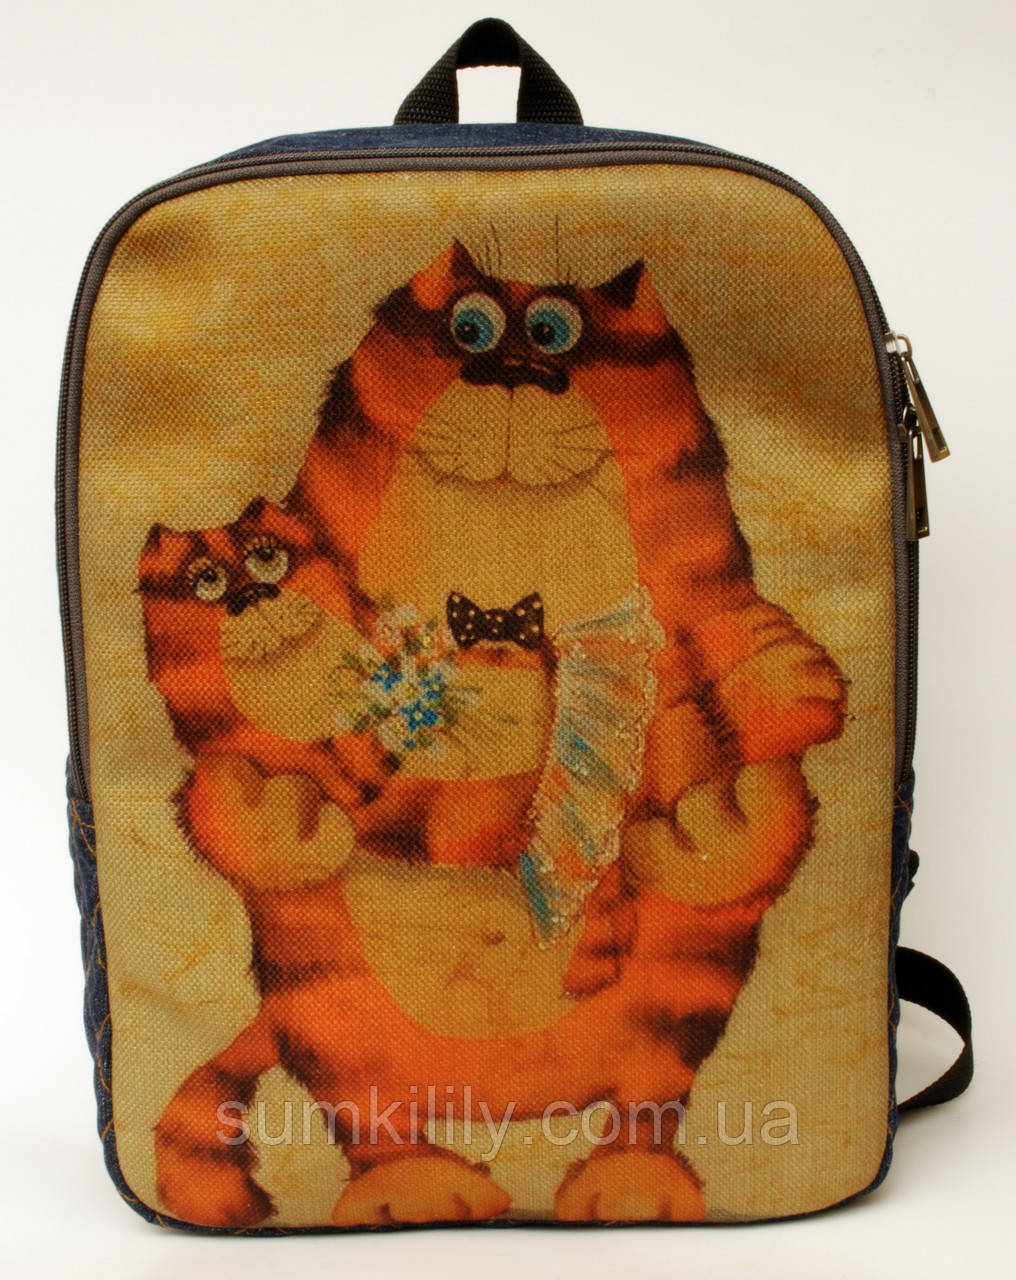 Джинсовый рюкзак счастливый кот